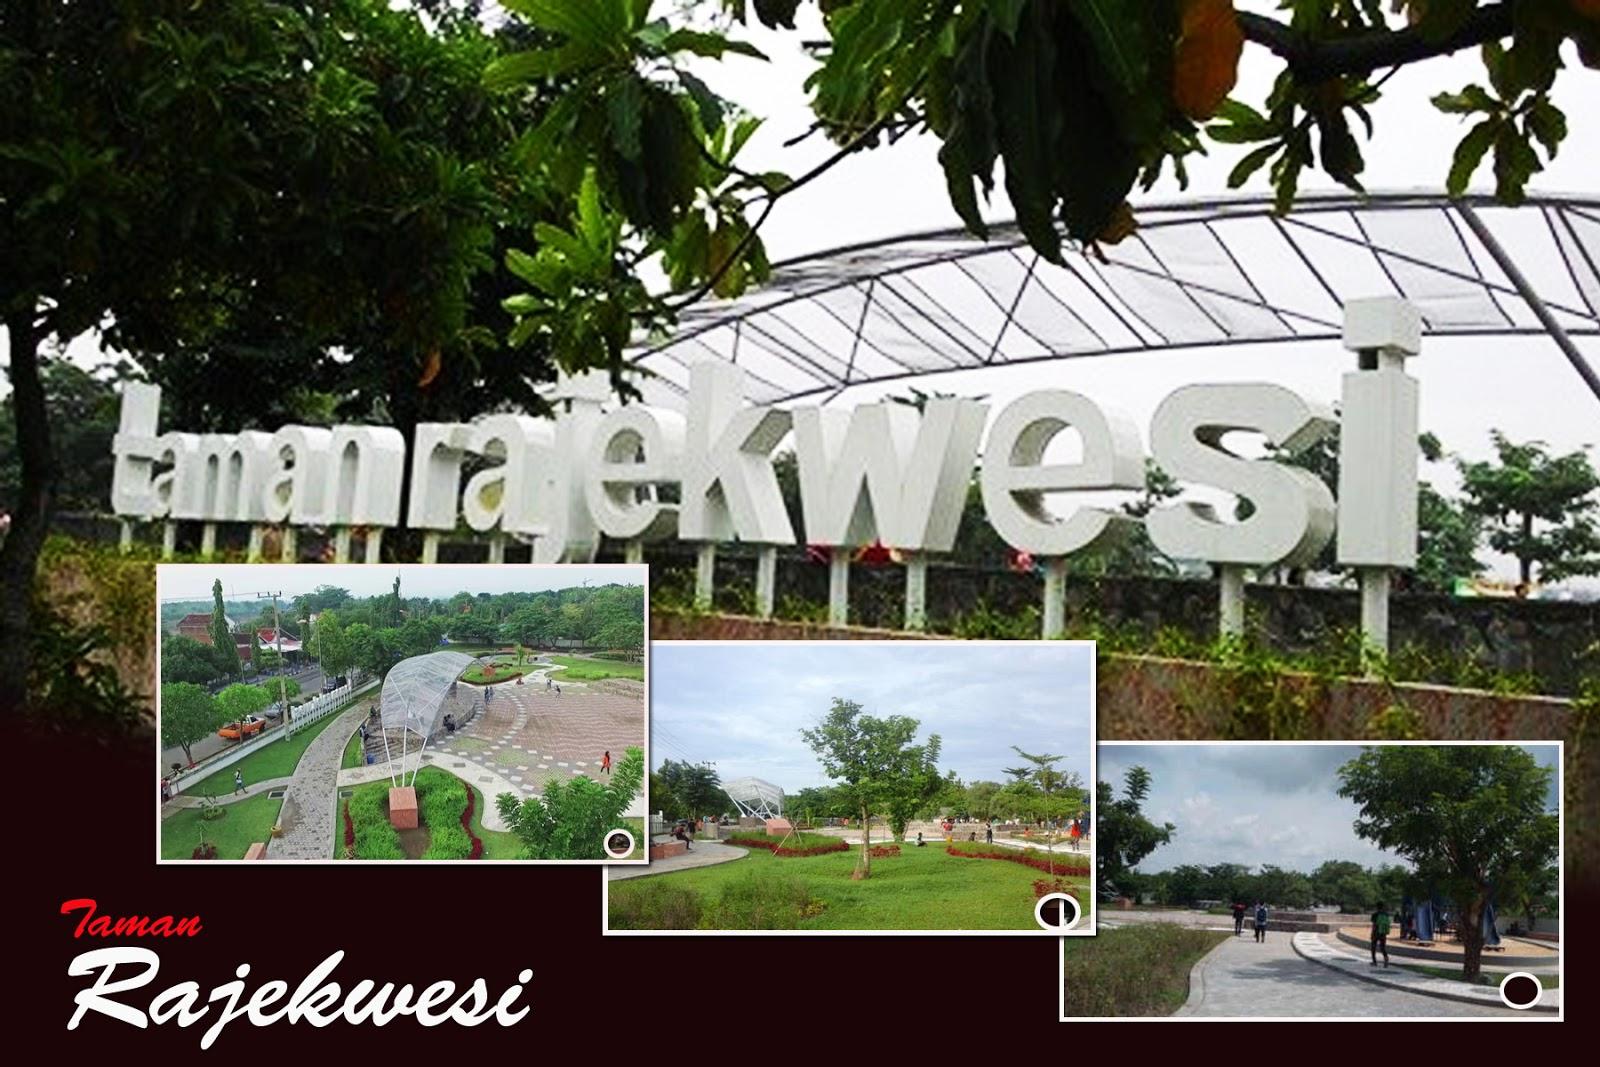 Pemerintah Kabupaten Bojonegoro Taman Rajekwesi Bangun Oleh Menjadi Salah Satu